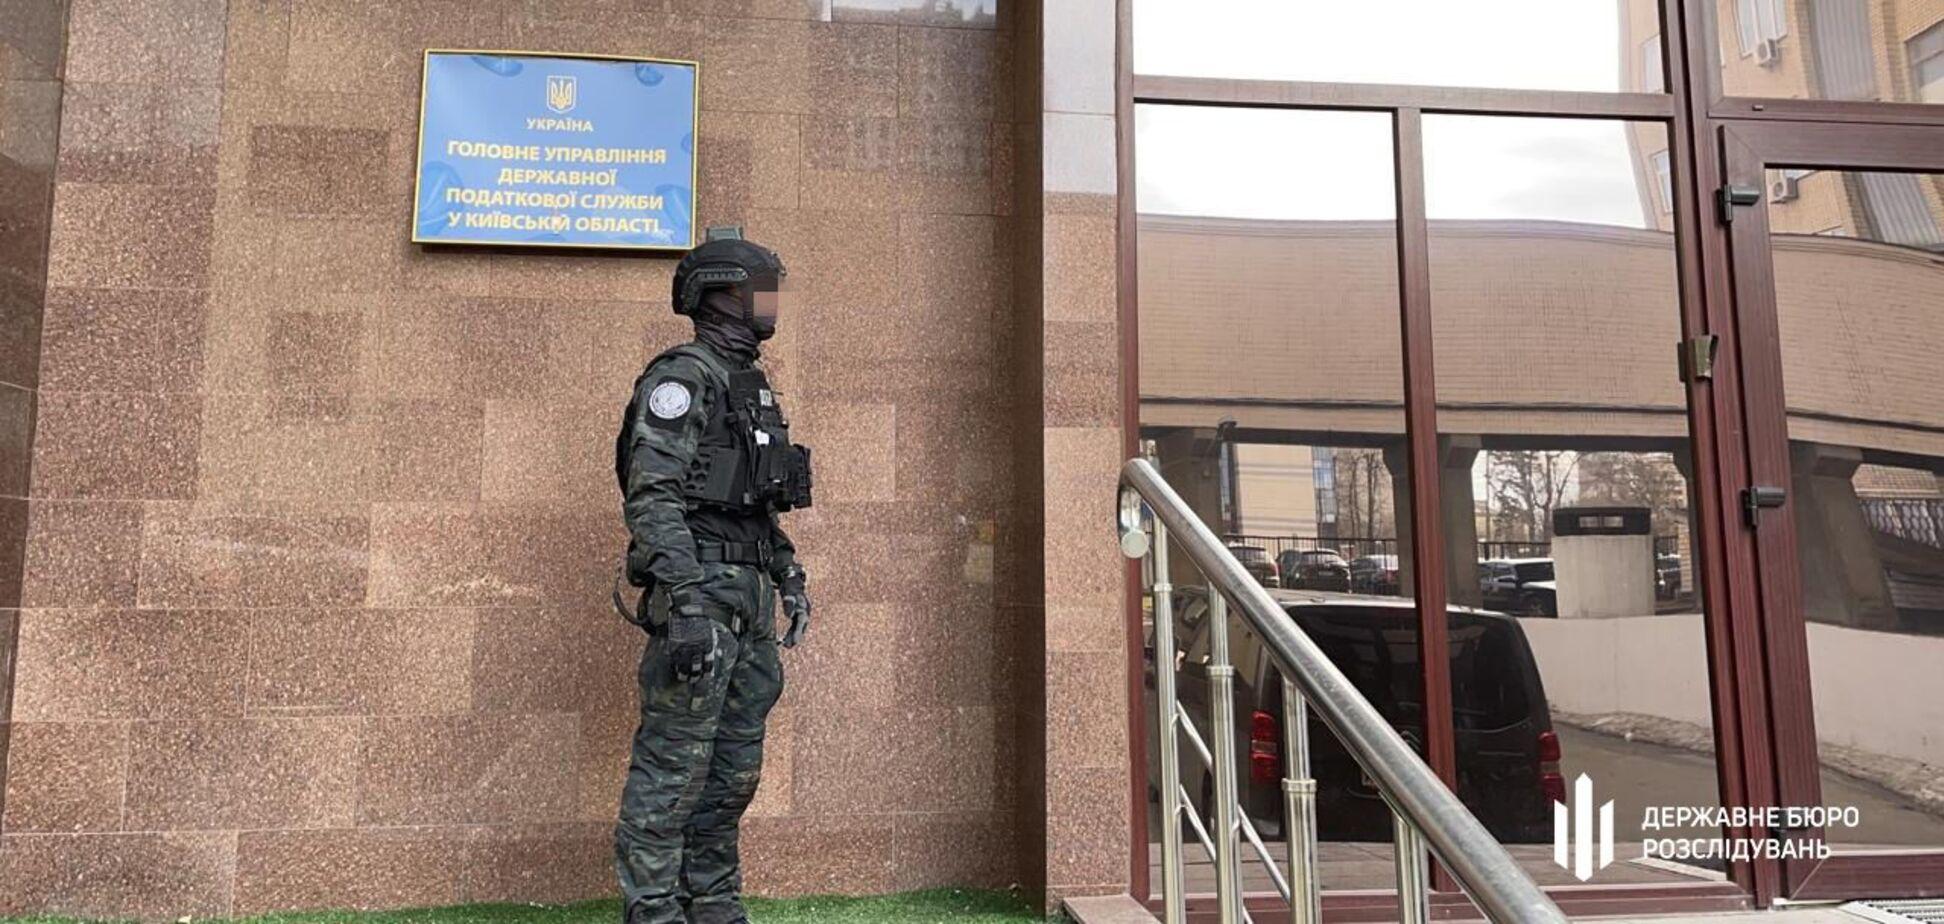 Топчиновник податкової Київщини погорів на корупції